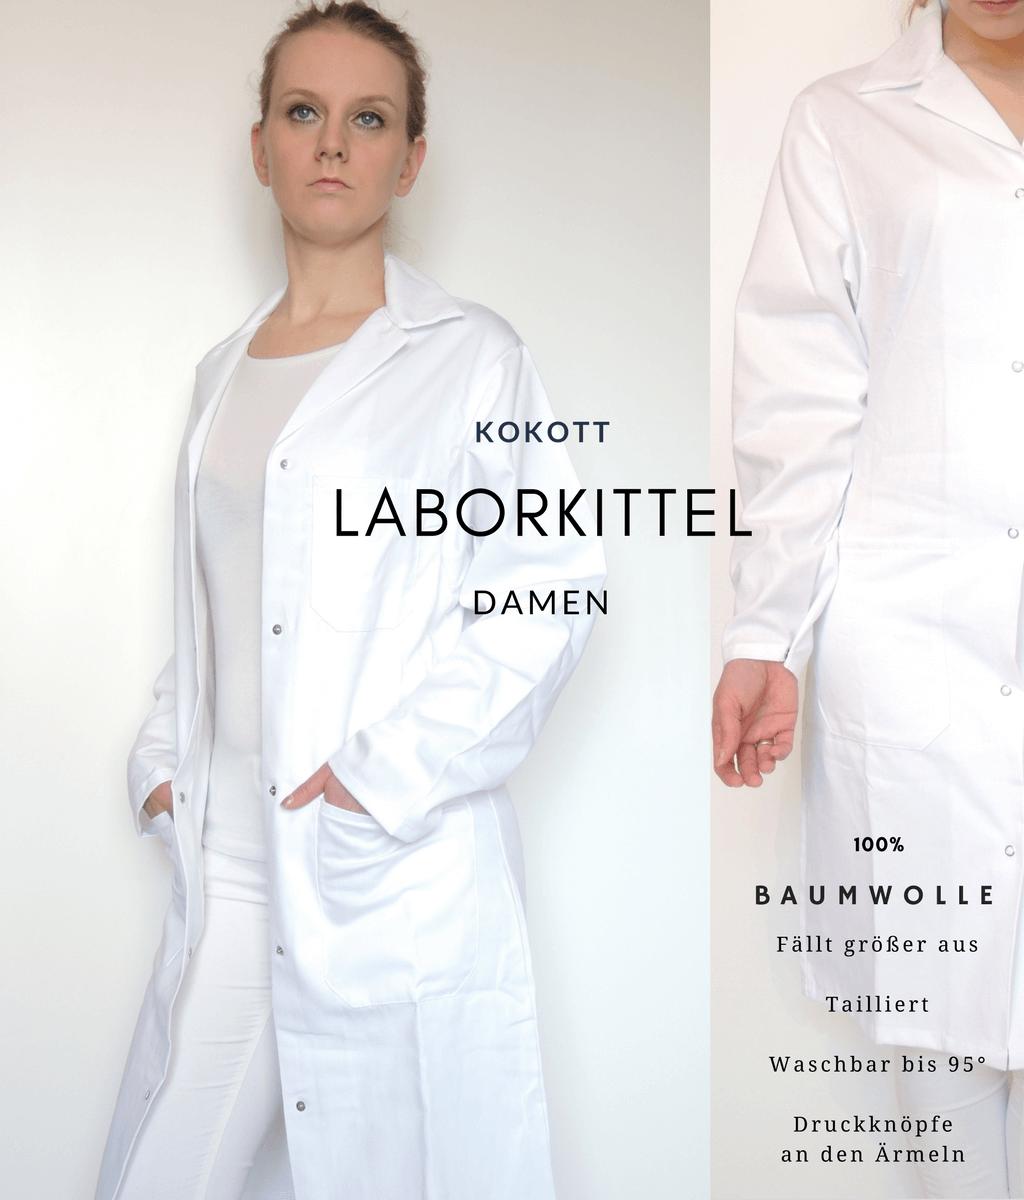 Kokott-Laborkittel-Labormantel-Damen-Tailliert